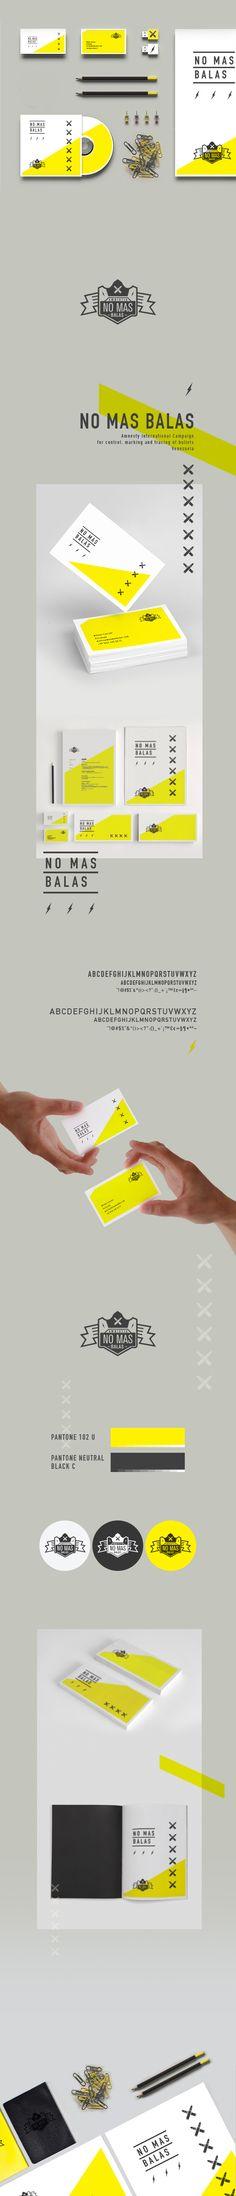 Unique Branding Design, No Mas Balas #Branding #Design (http://www.pinterest.com/aldenchong/)